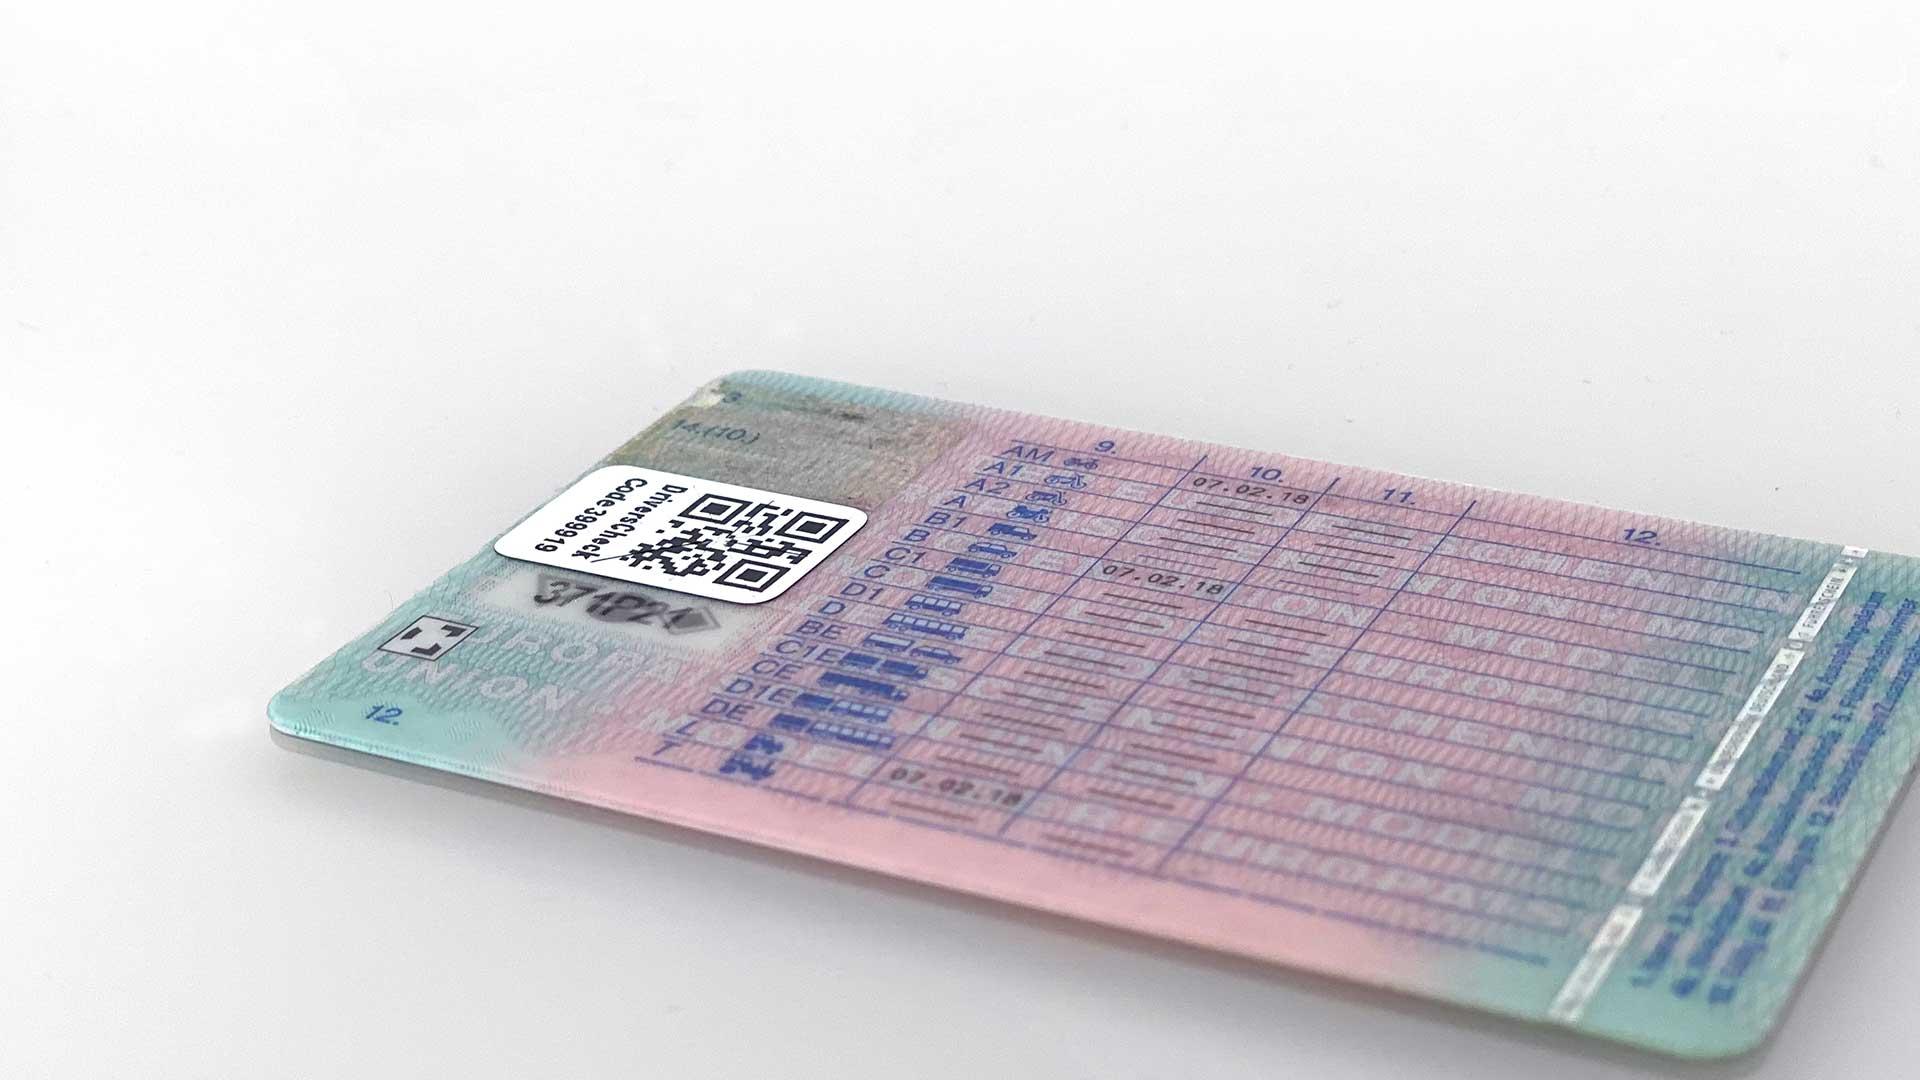 Führerschein mit DriversCheck Siegel